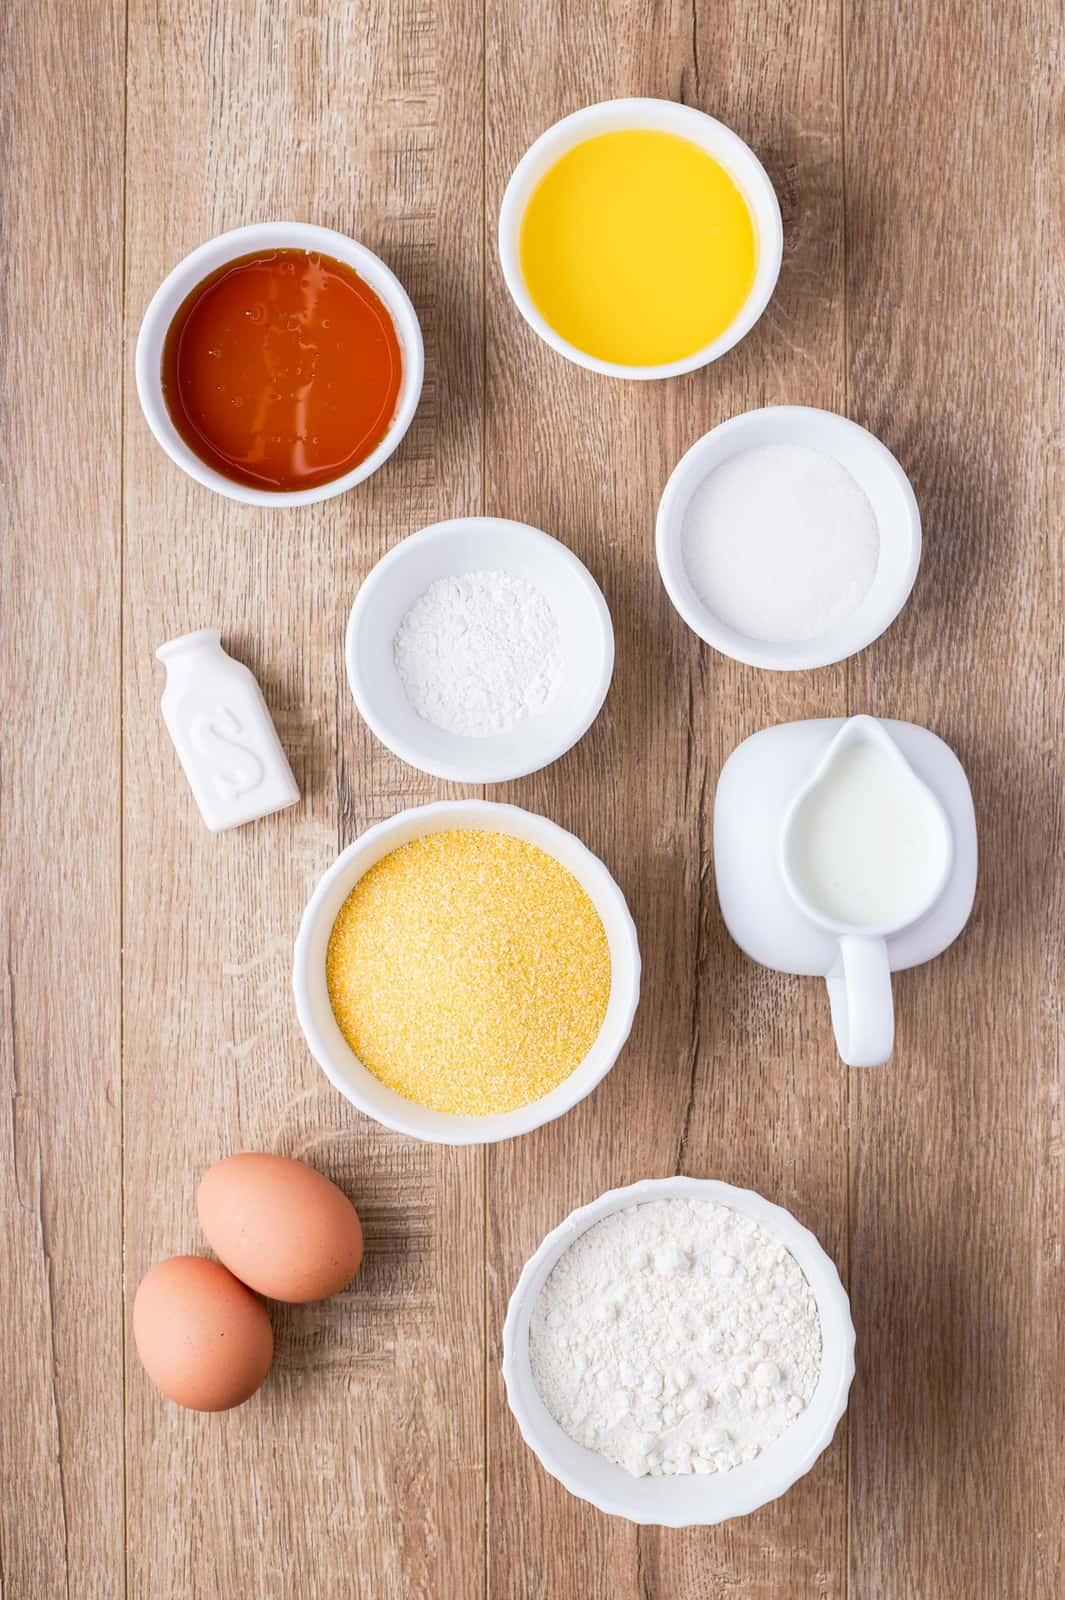 Ingredients needed to make Cornnbread Muffins